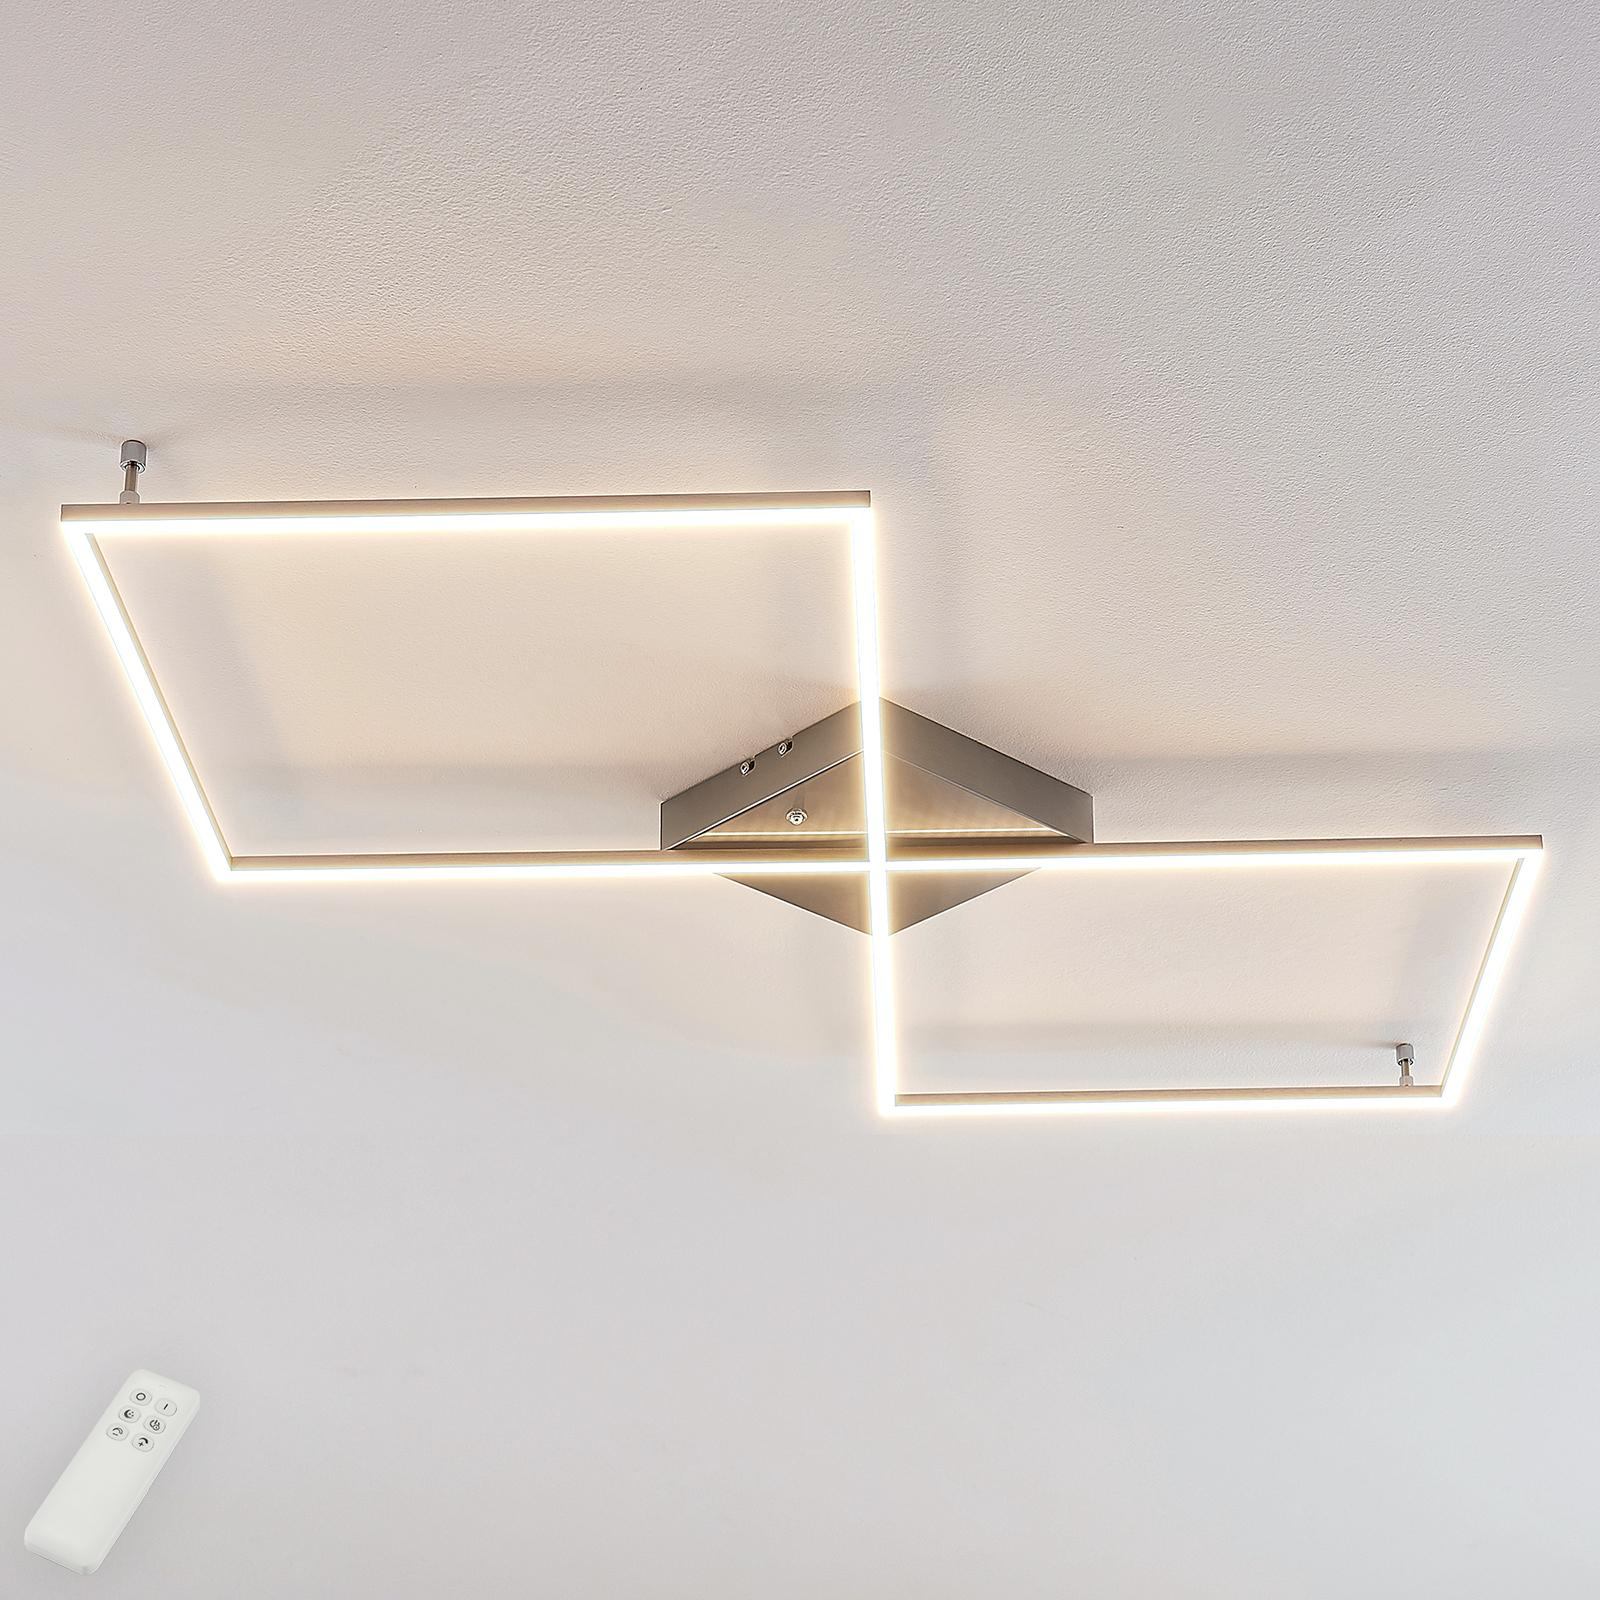 Plafón LED Romee lineal y con mando a distancia